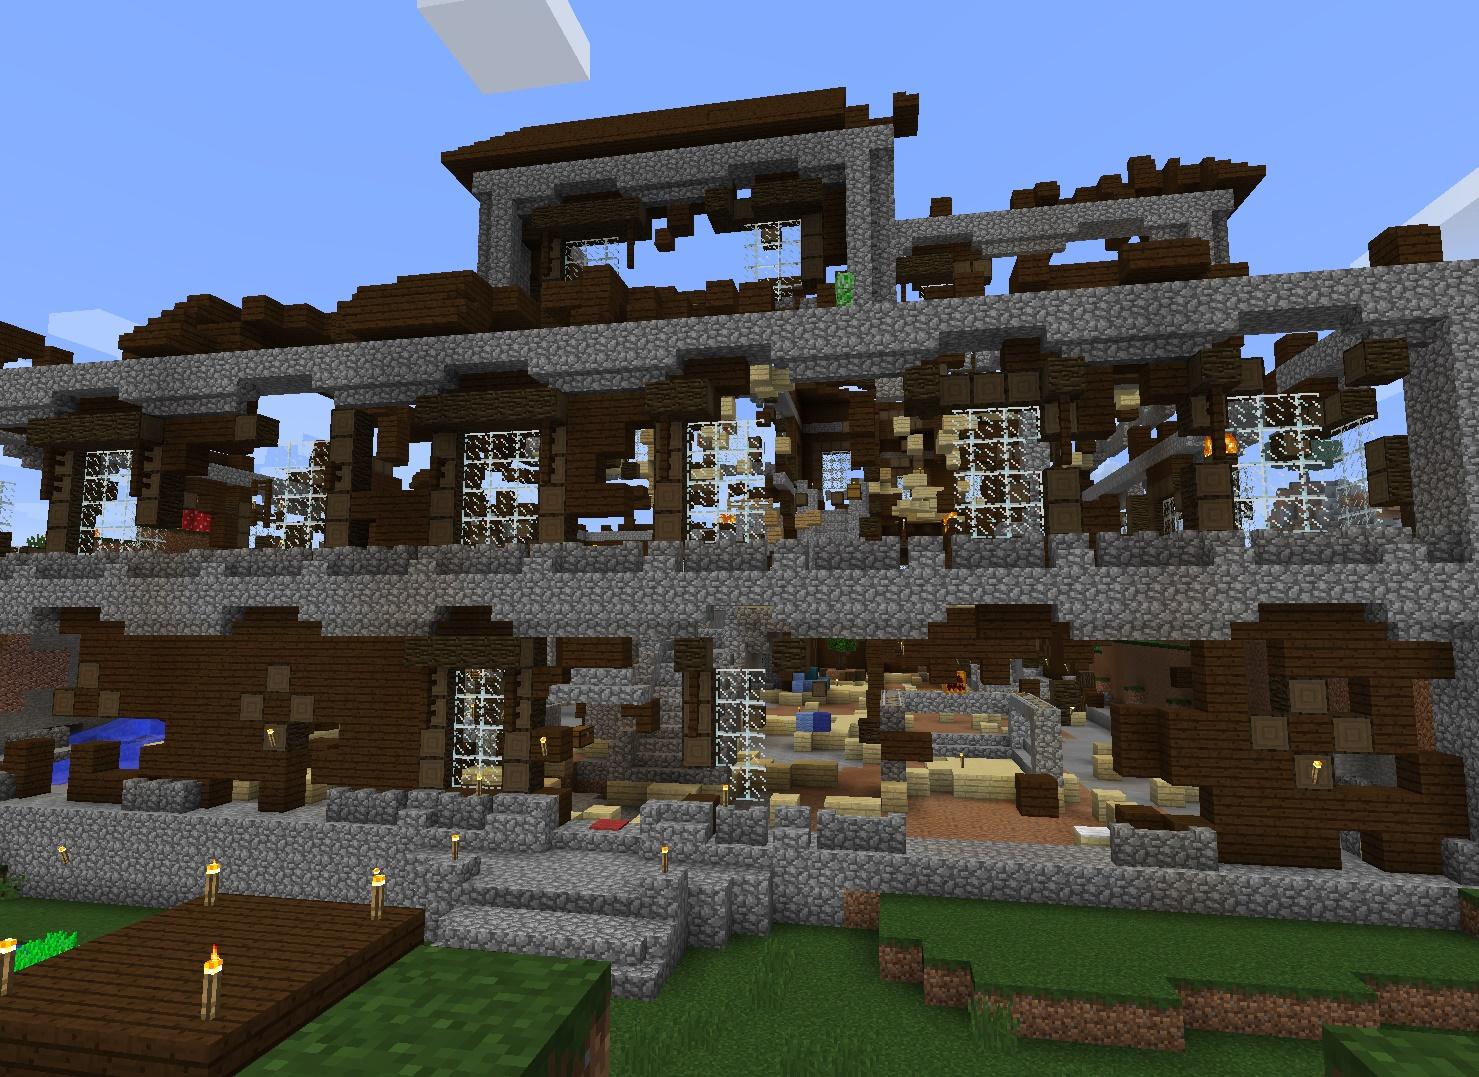 More Minecraft Mansion...